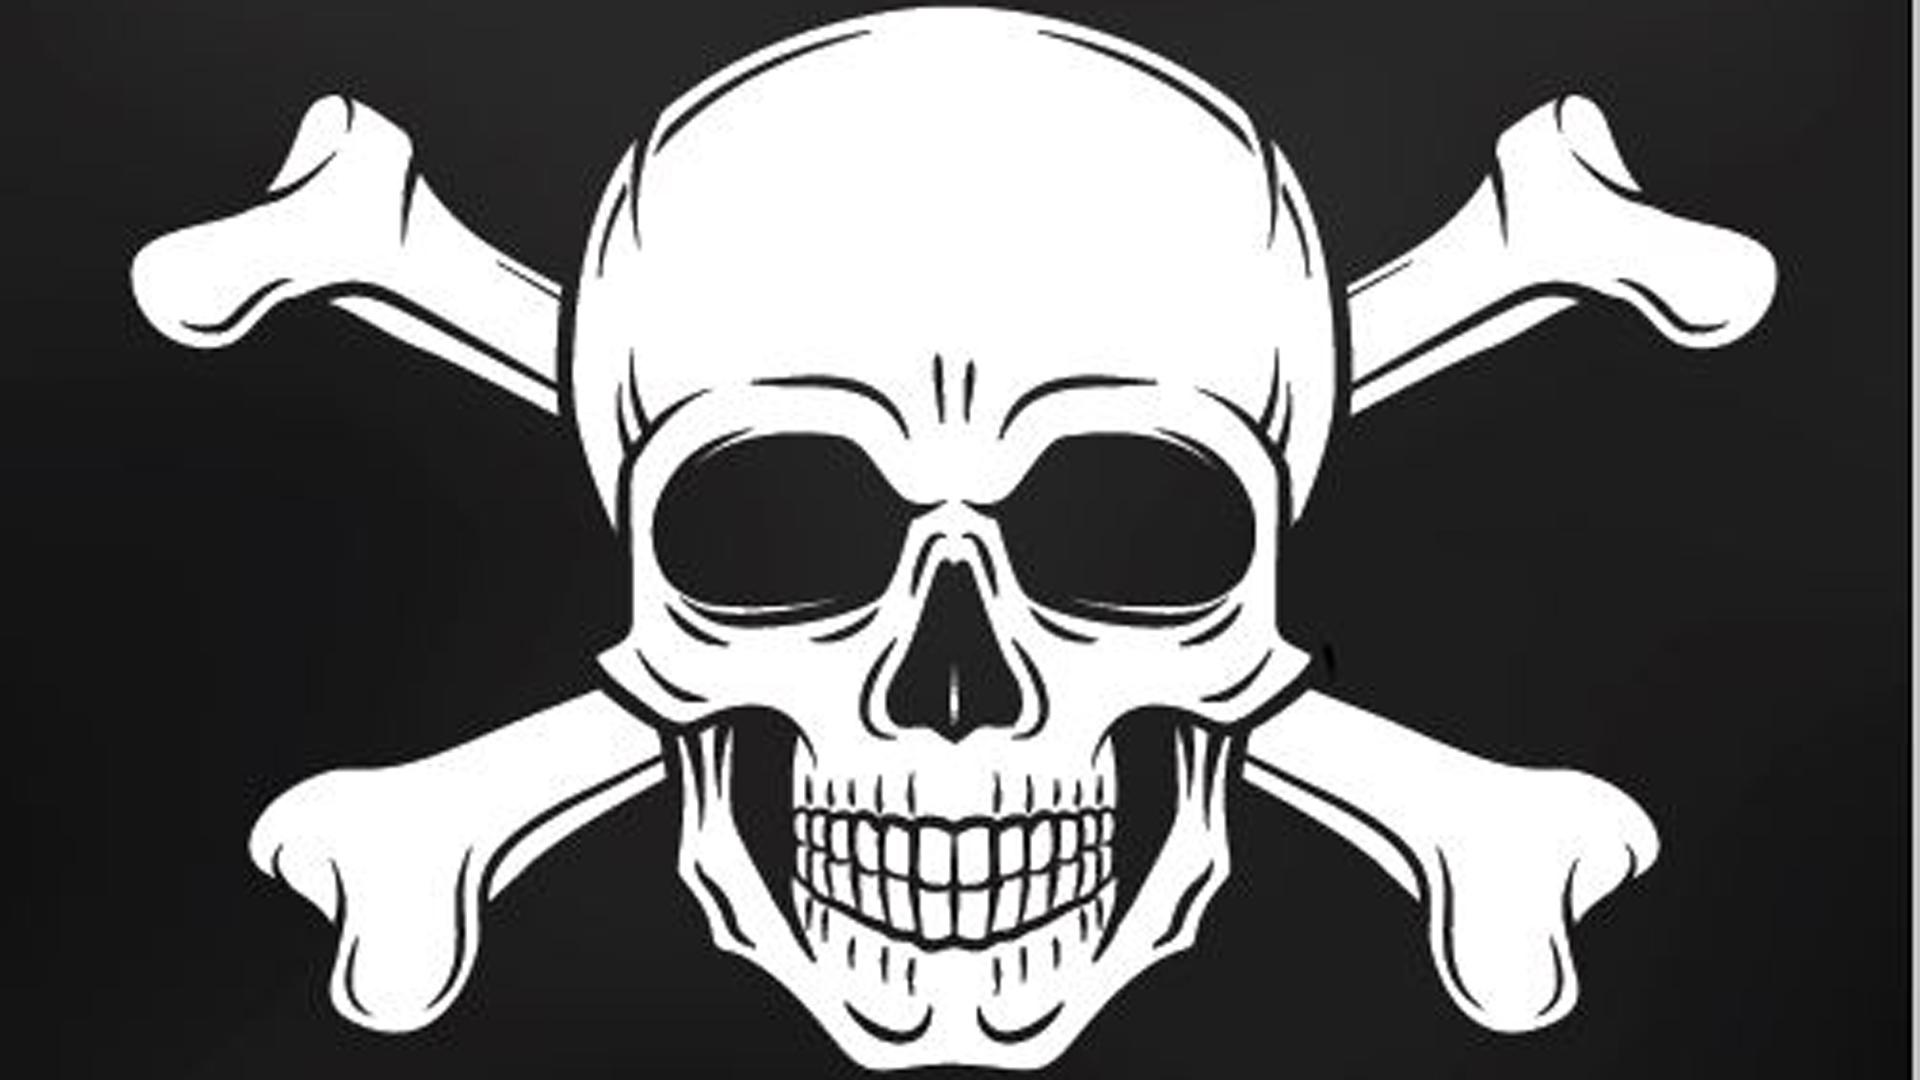 La leche, el azúcar, la sal y la harina y el peor de los venenos blancos: la cocaína